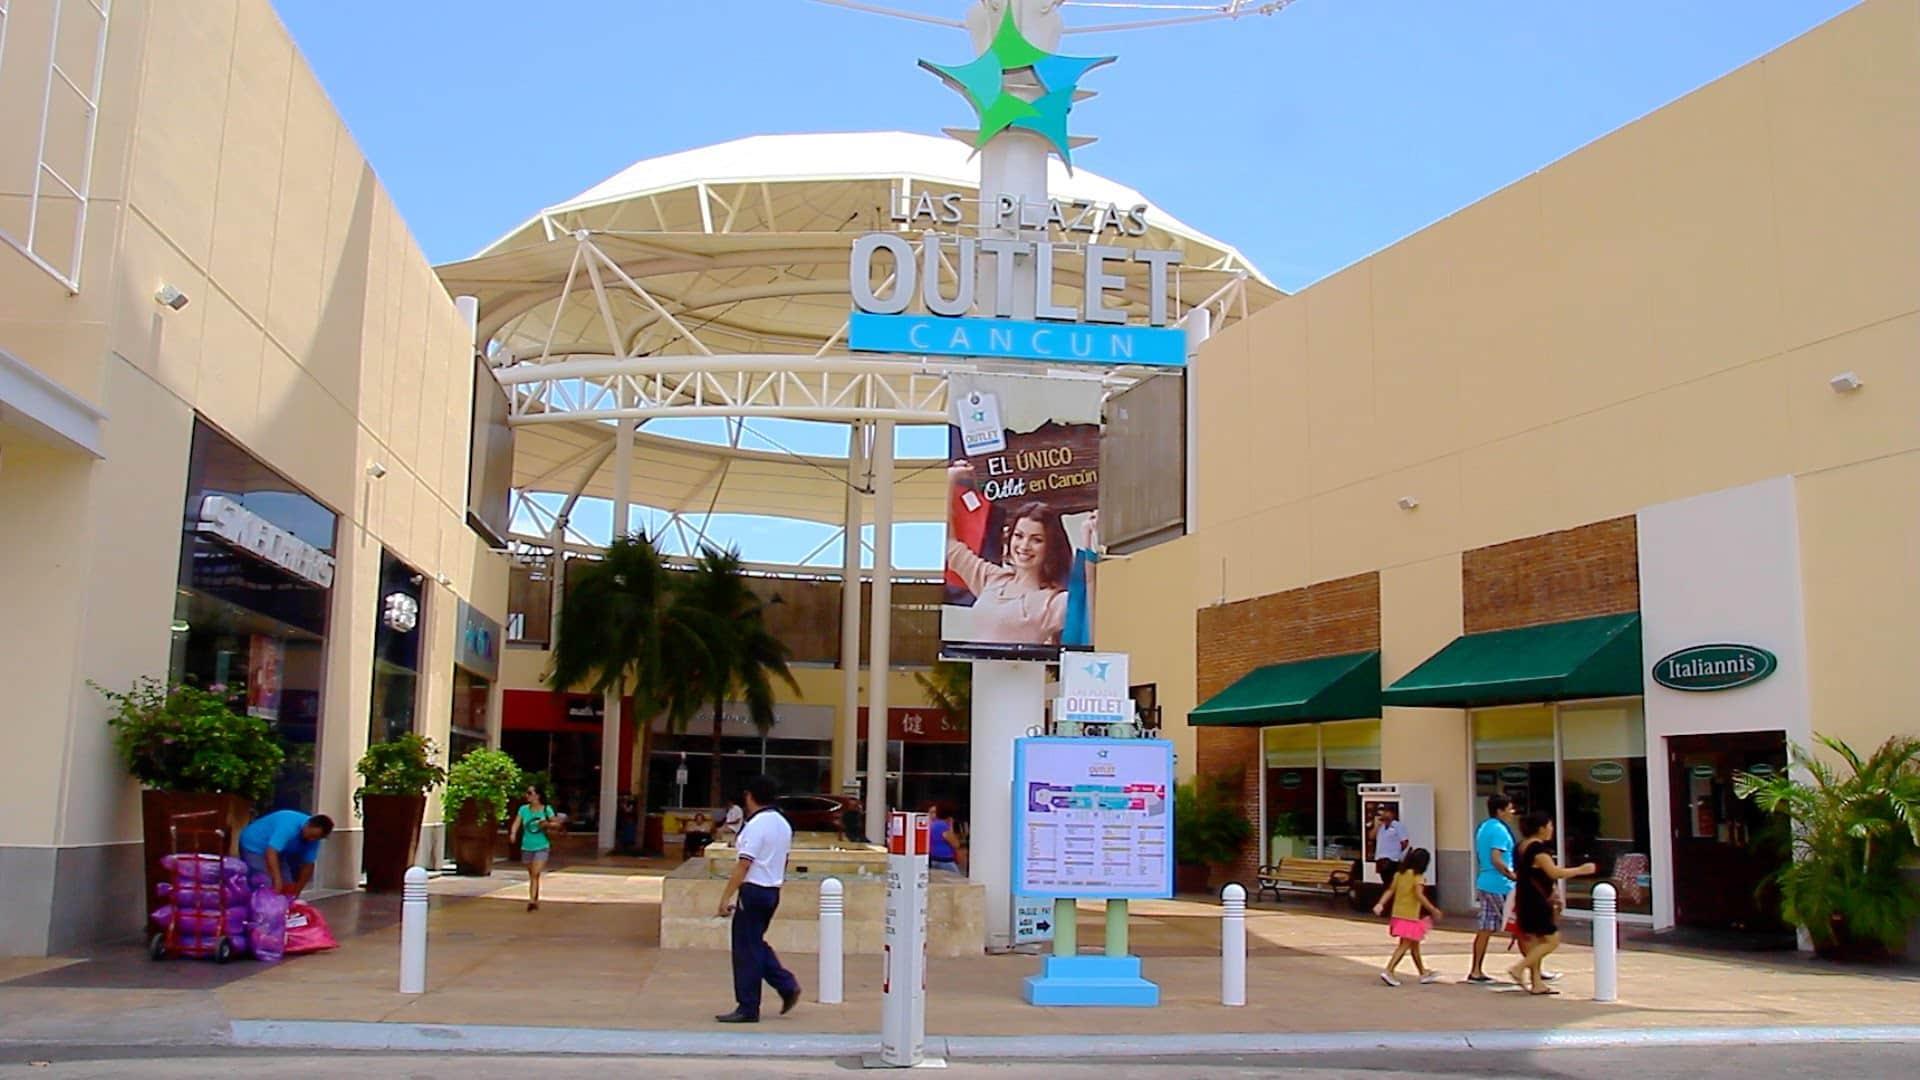 Shoppings e outlets de Cancún - 2020   Dicas incríveis!